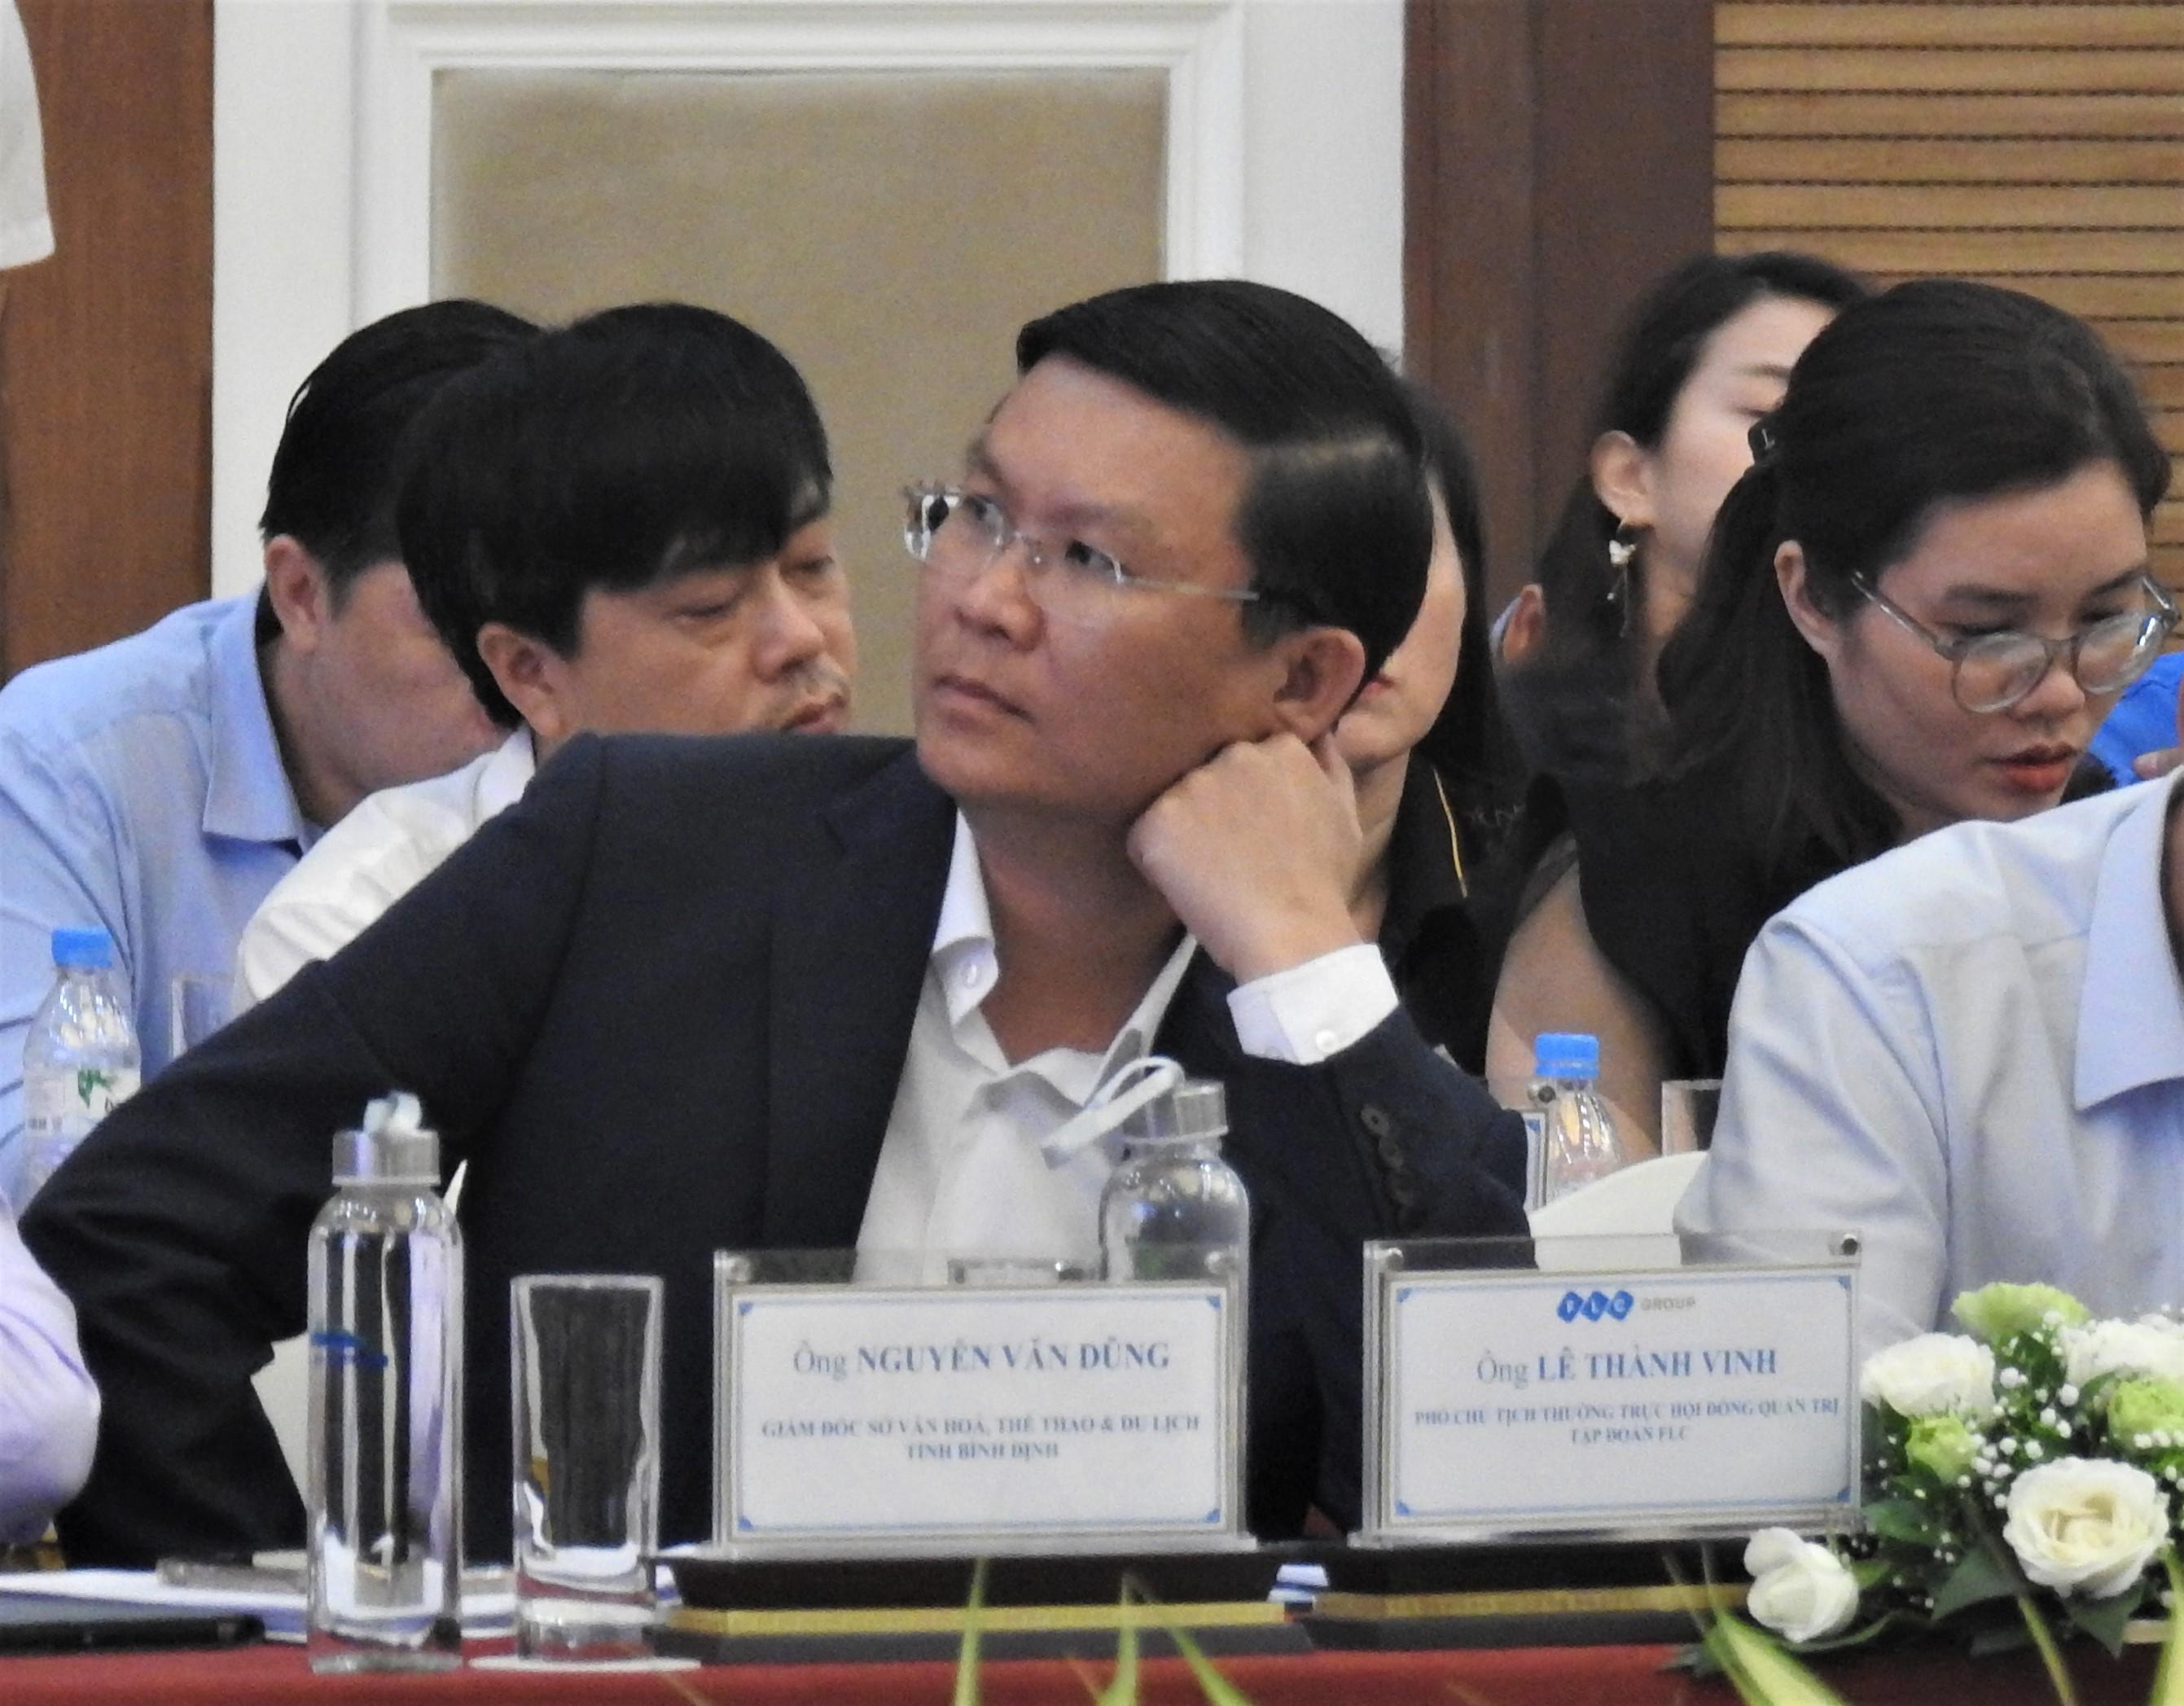 Ông Lê Thành Vinh từ nhiệm Phó Chủ tịch Tập đoàn FLC - Ảnh 1.